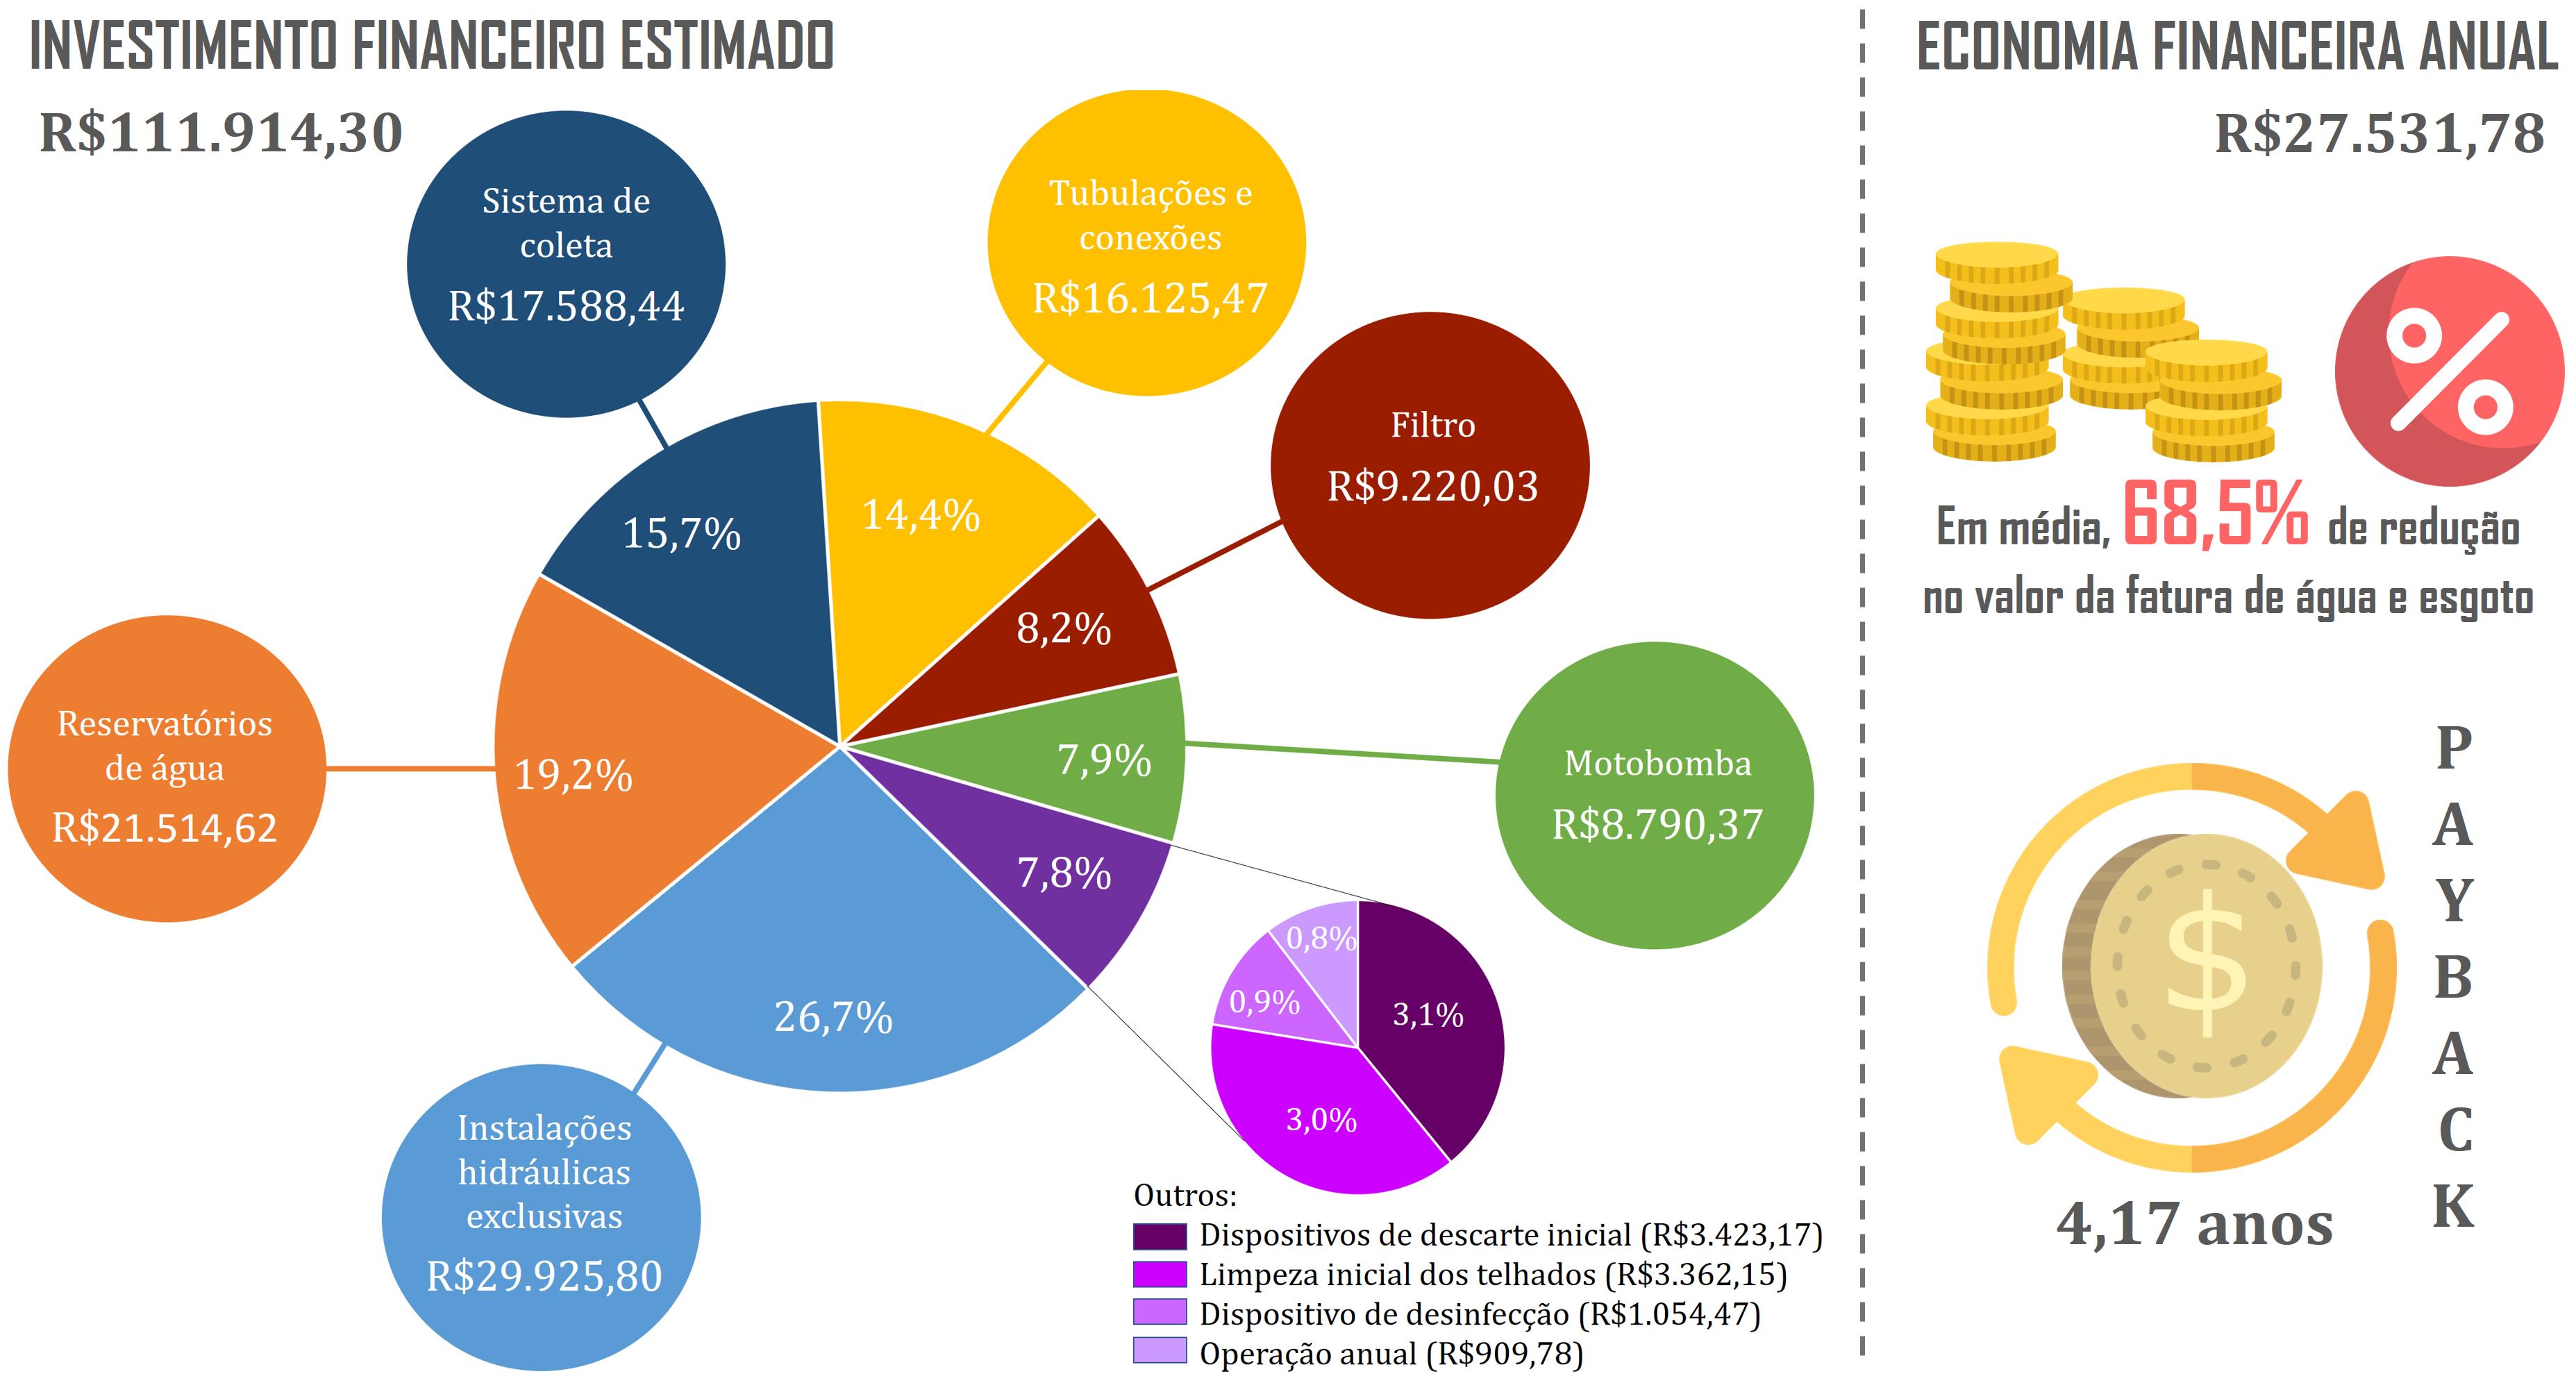 dc4edcb8ed O resumo final dos benefícios calculados para o estudo é apresentado no  infográfico a seguir.